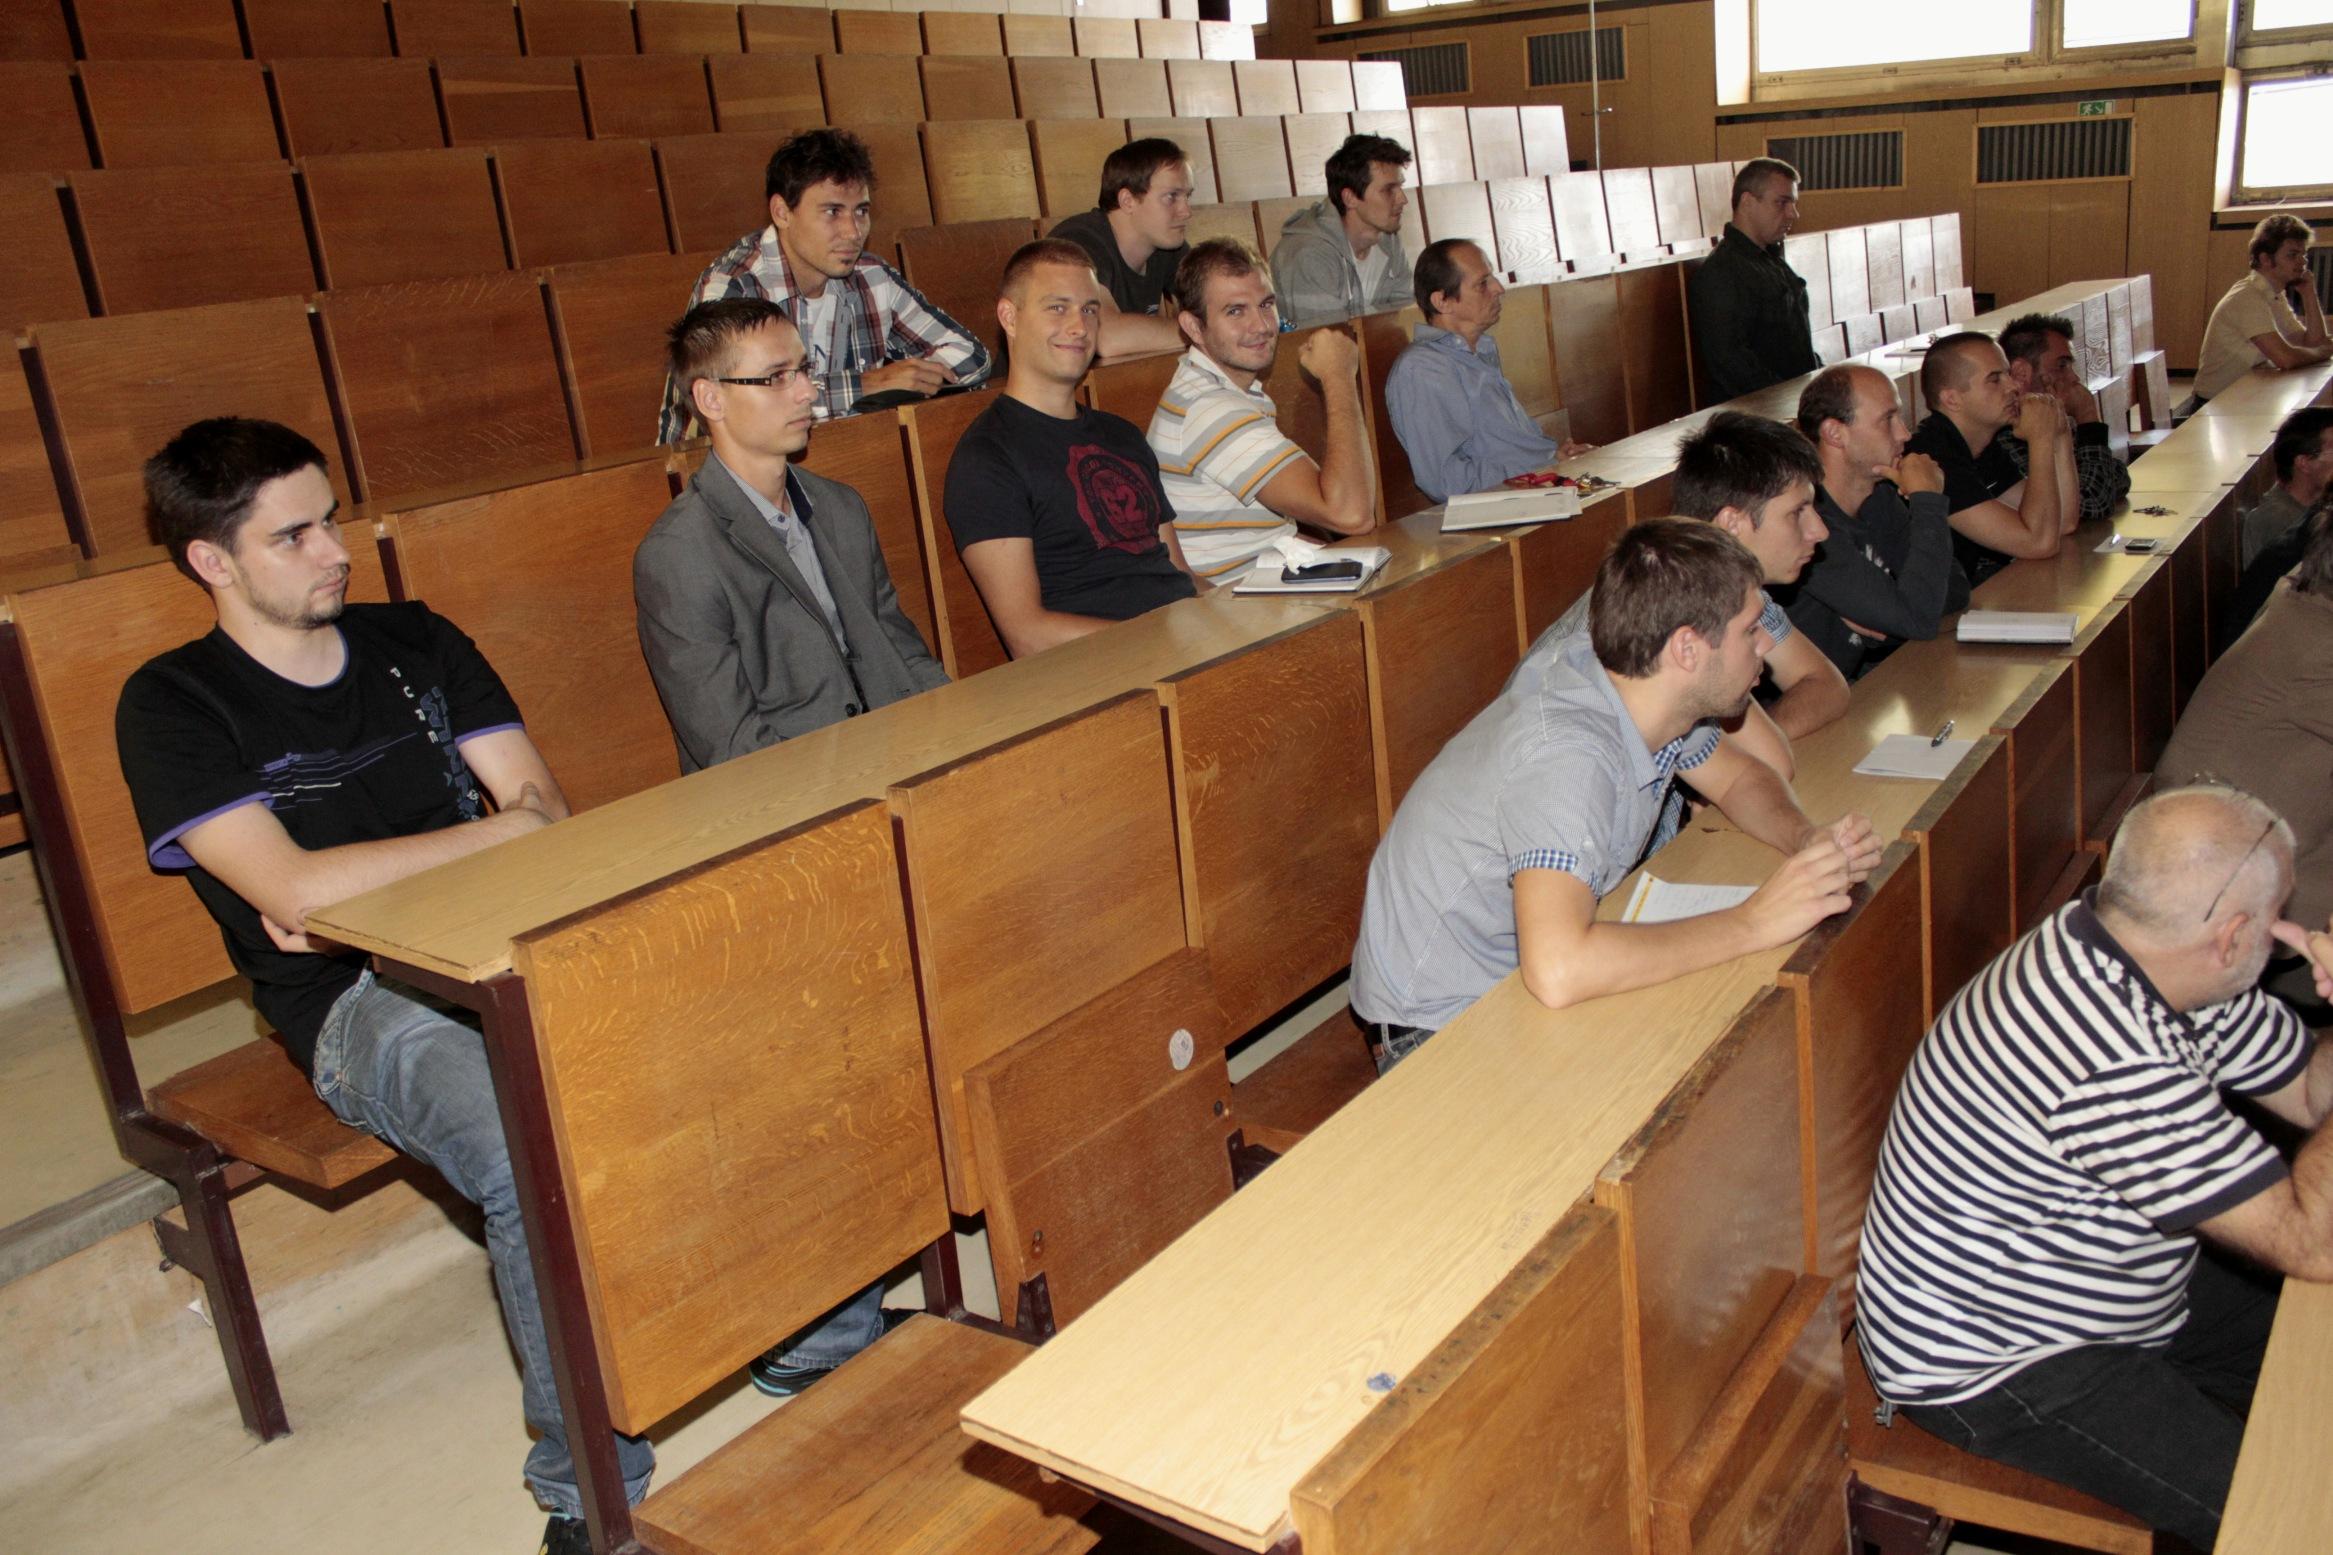 Prvé stretnutie zamestnancov a doktorandov 10.9.2013